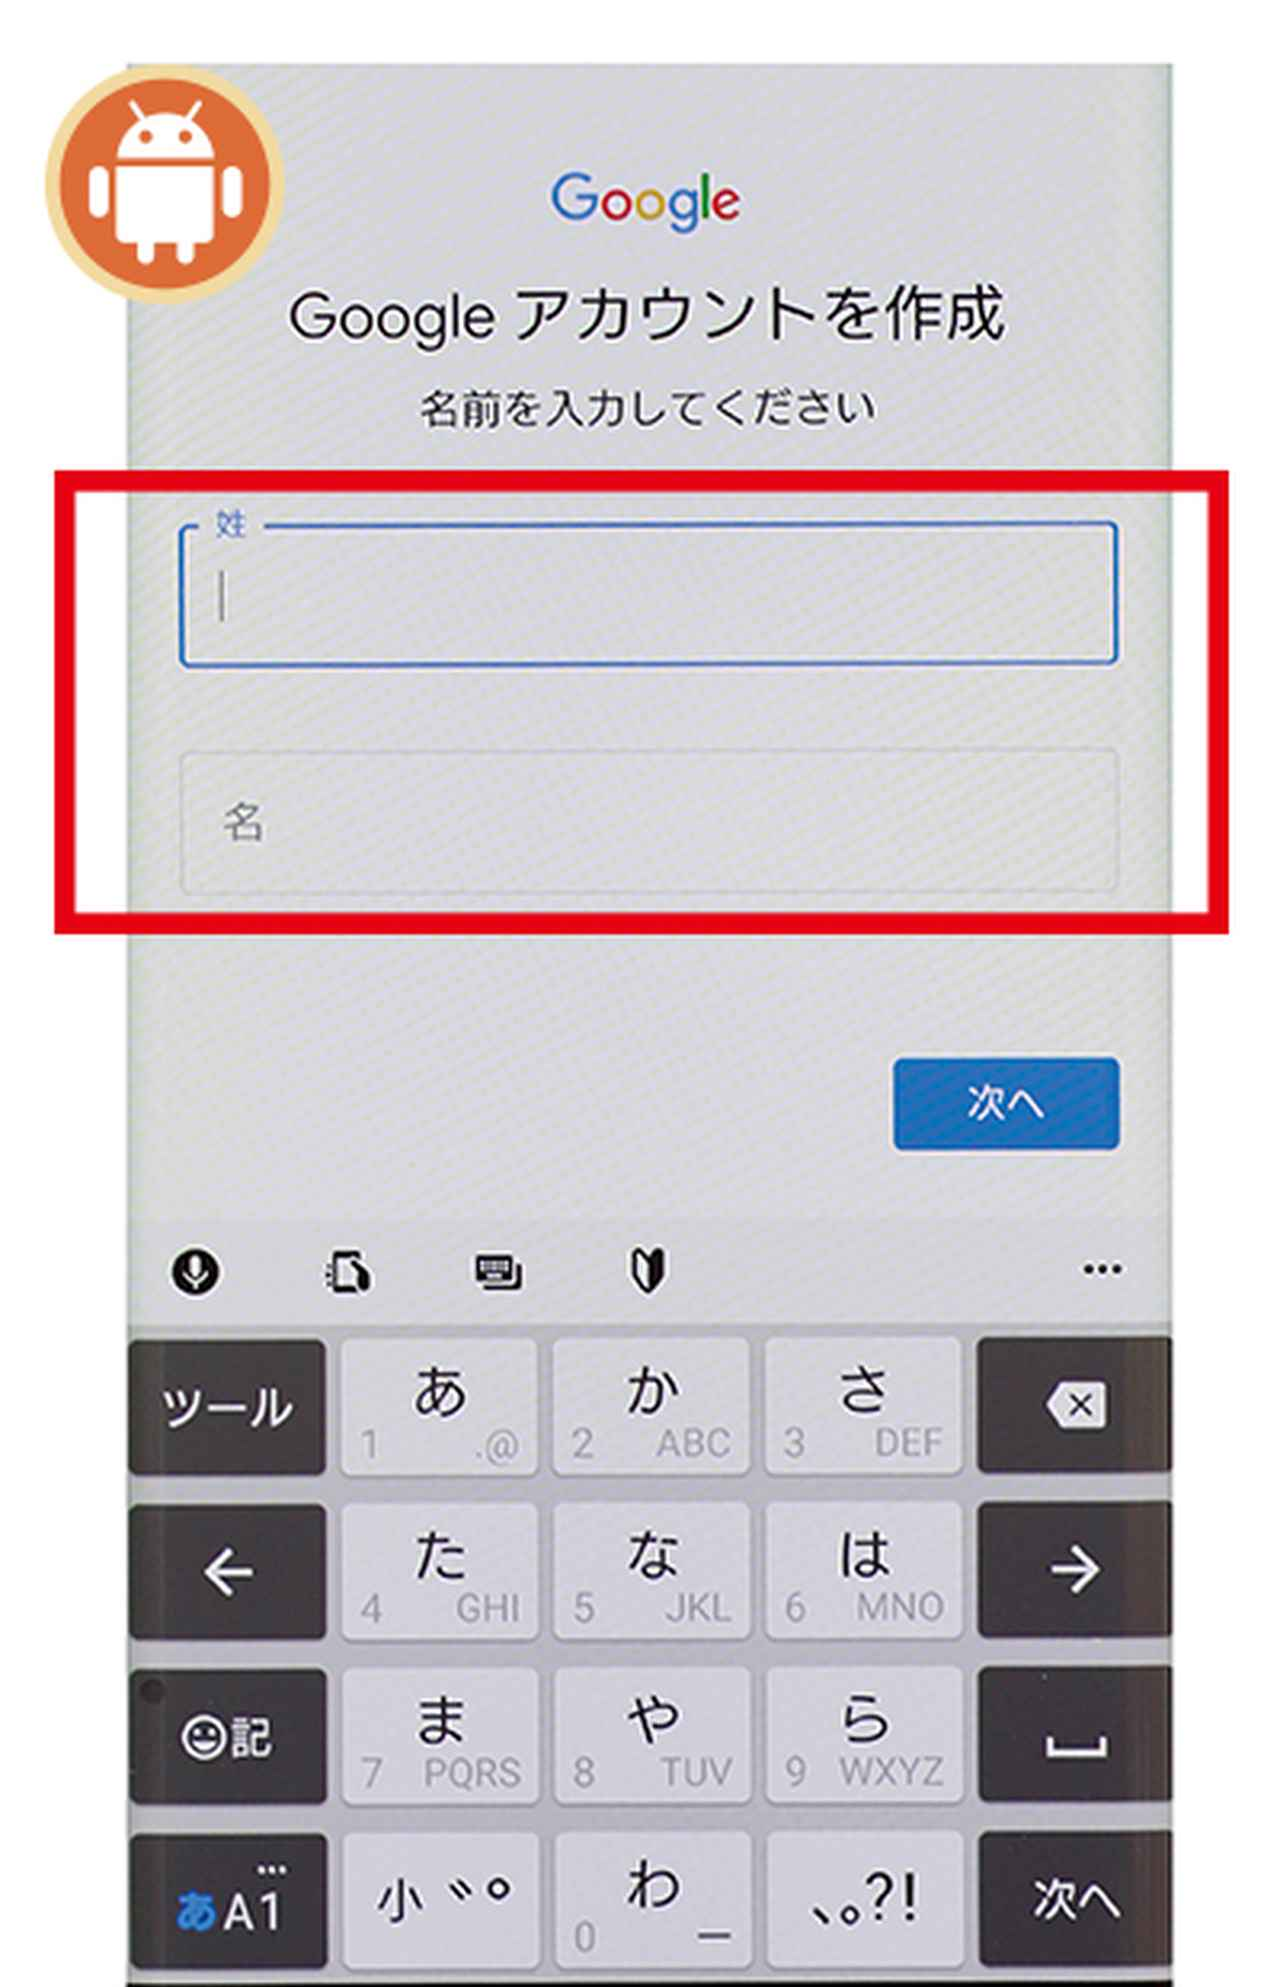 画像: Googleアカウントは、初期設定の最中に新規作成が可能。各種端末の同期に利用できるので、パソコンでもここで取得したアカウントを使おう。